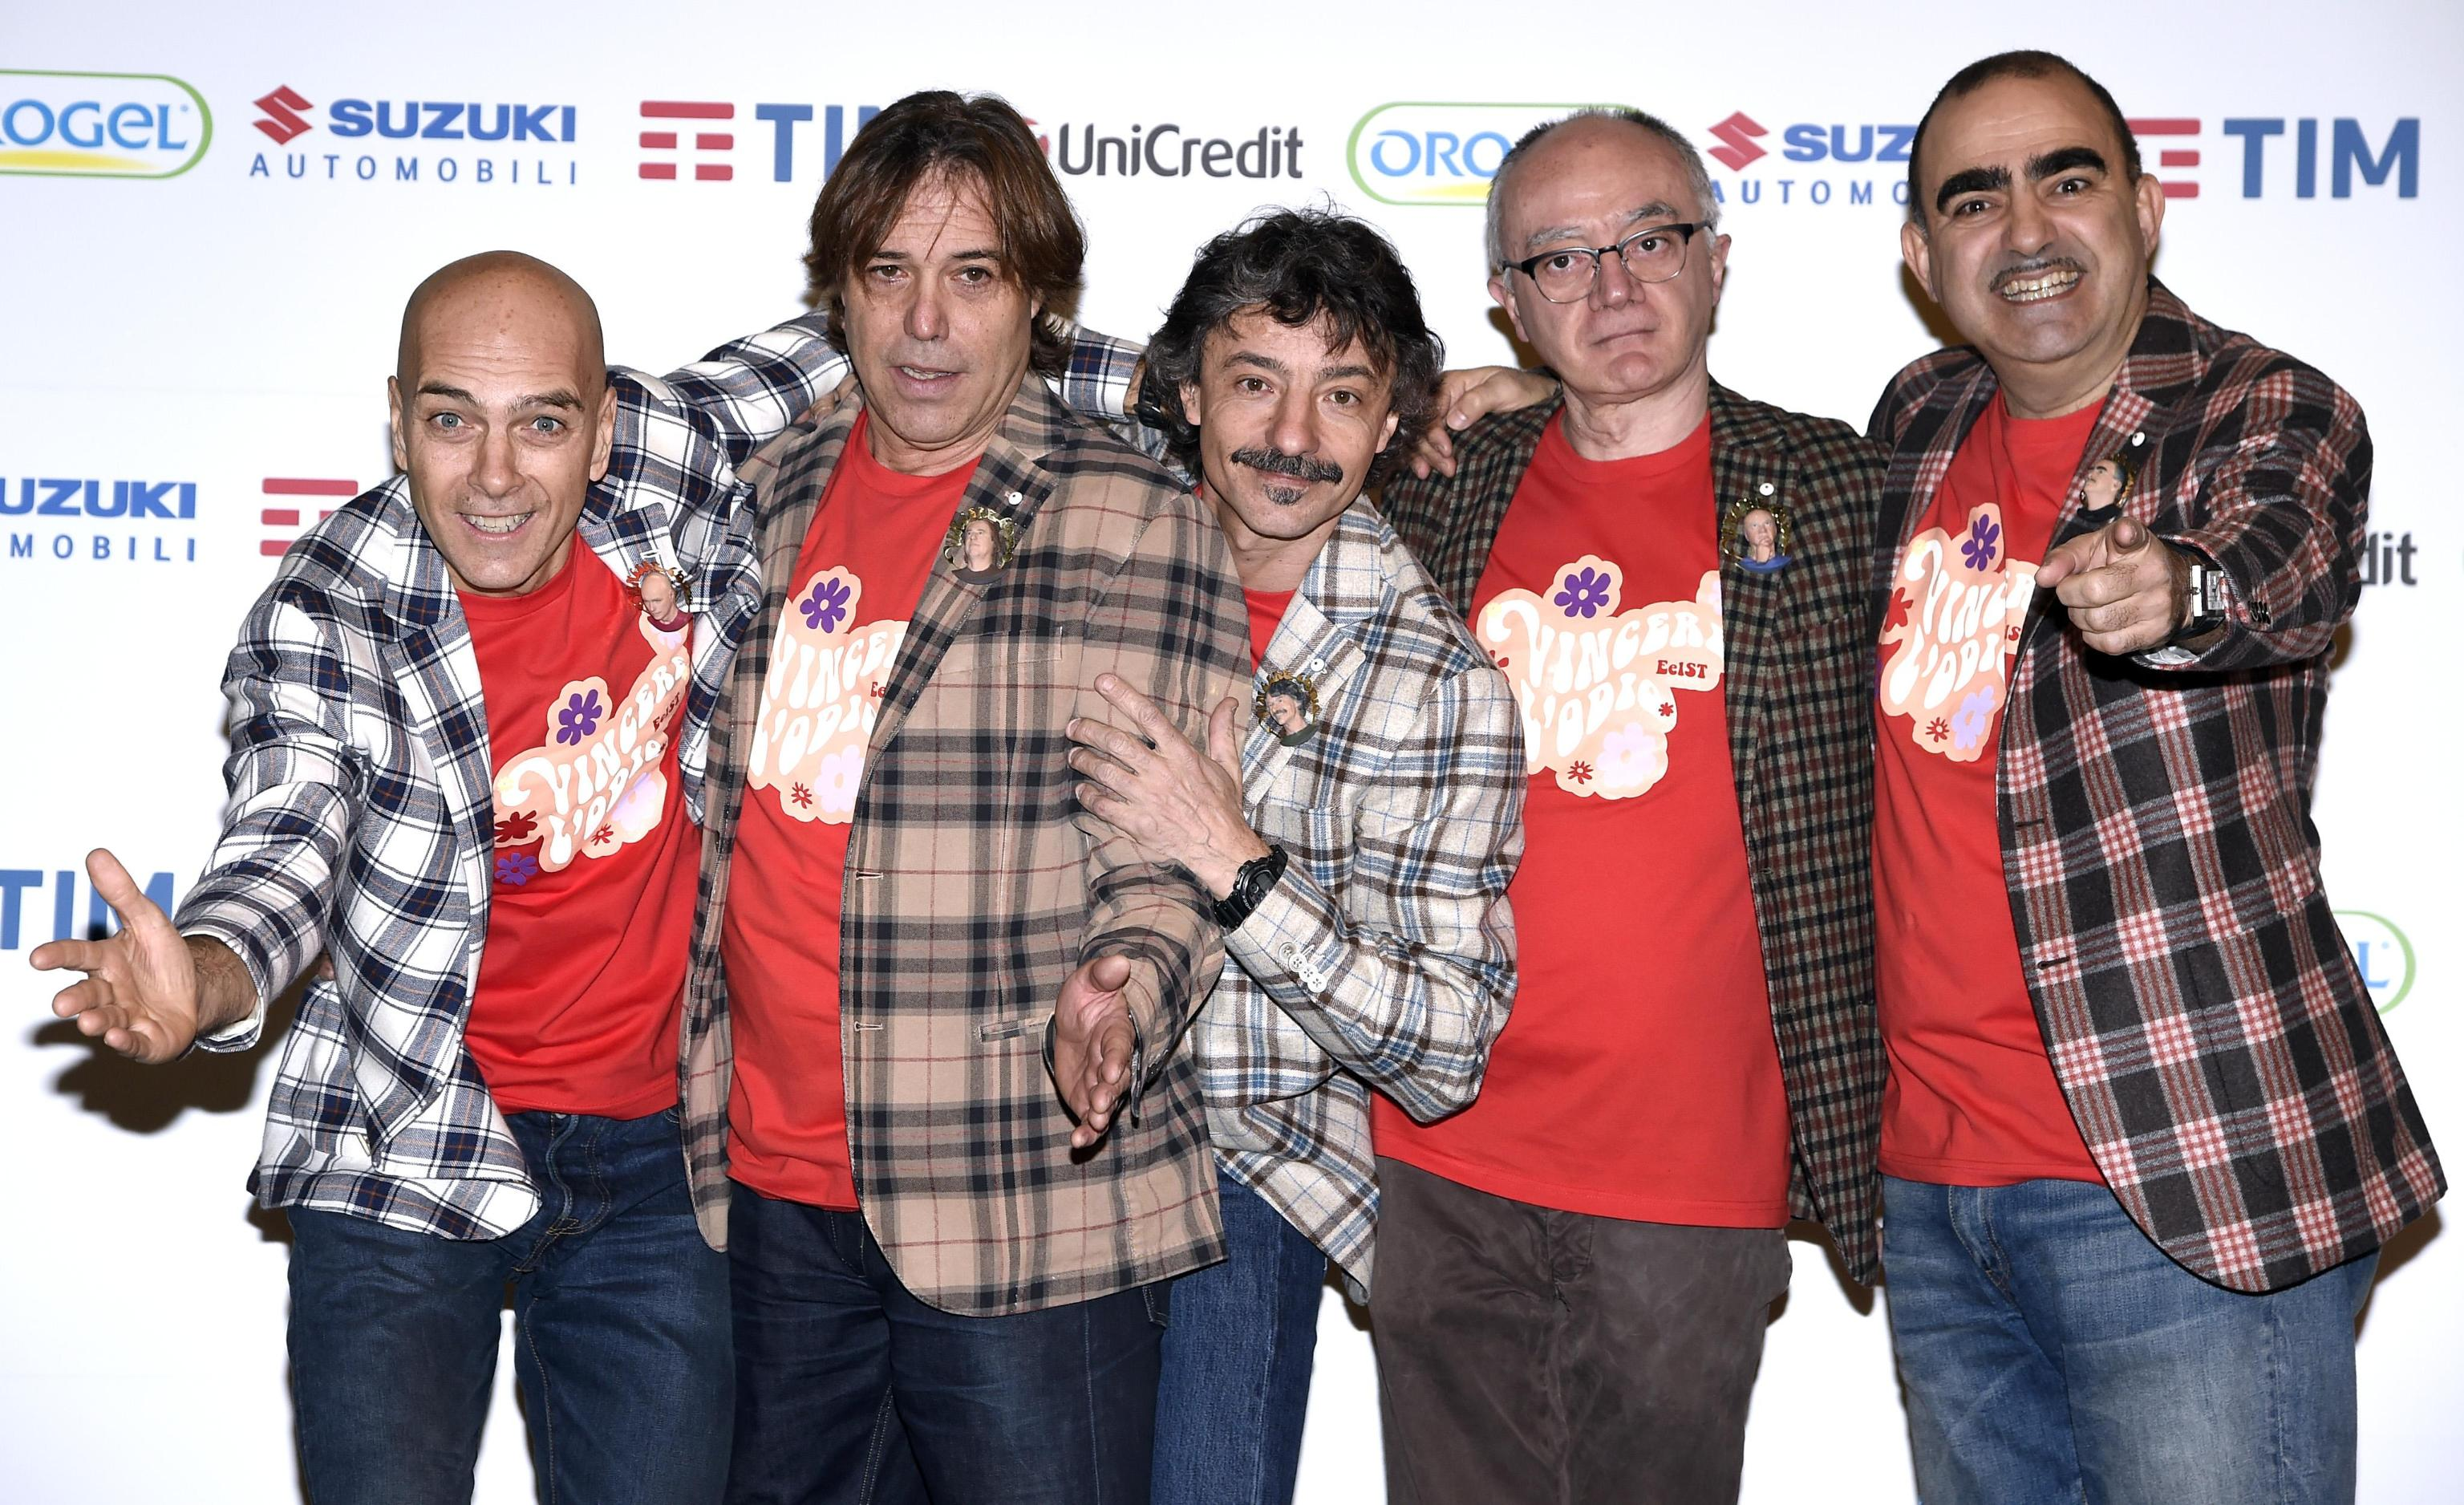 Elio e Le Storie Tese al Festival di Sanremo 2018 con 'Arrivedorci', testo della canzone